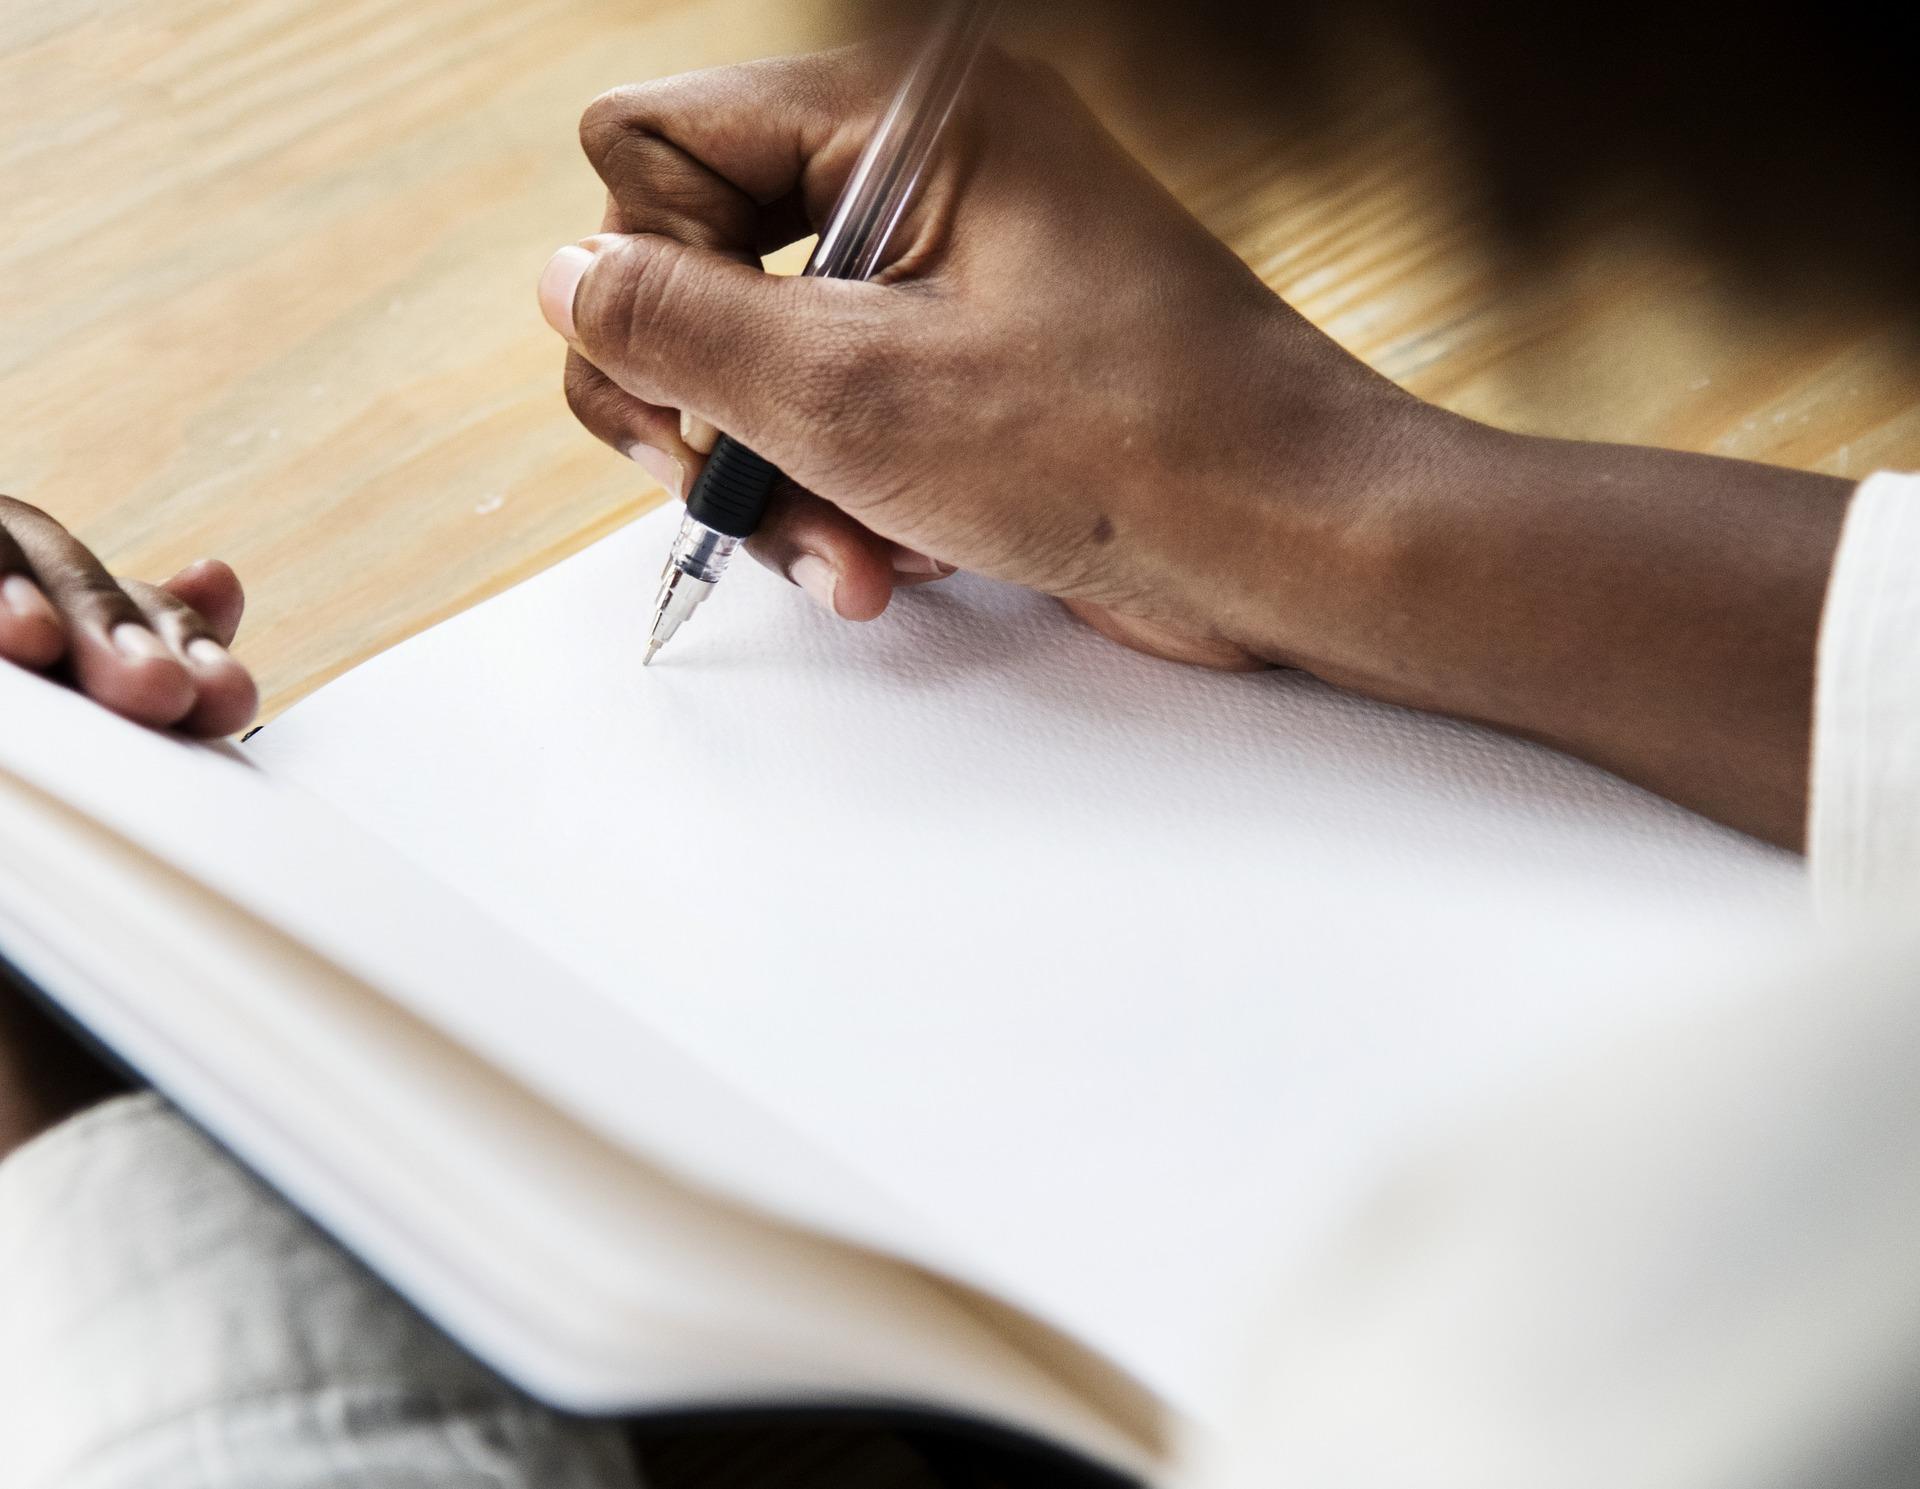 Script Téléphonique : Comment Soigner Son Discours Pour Exceller Dans La Prospection